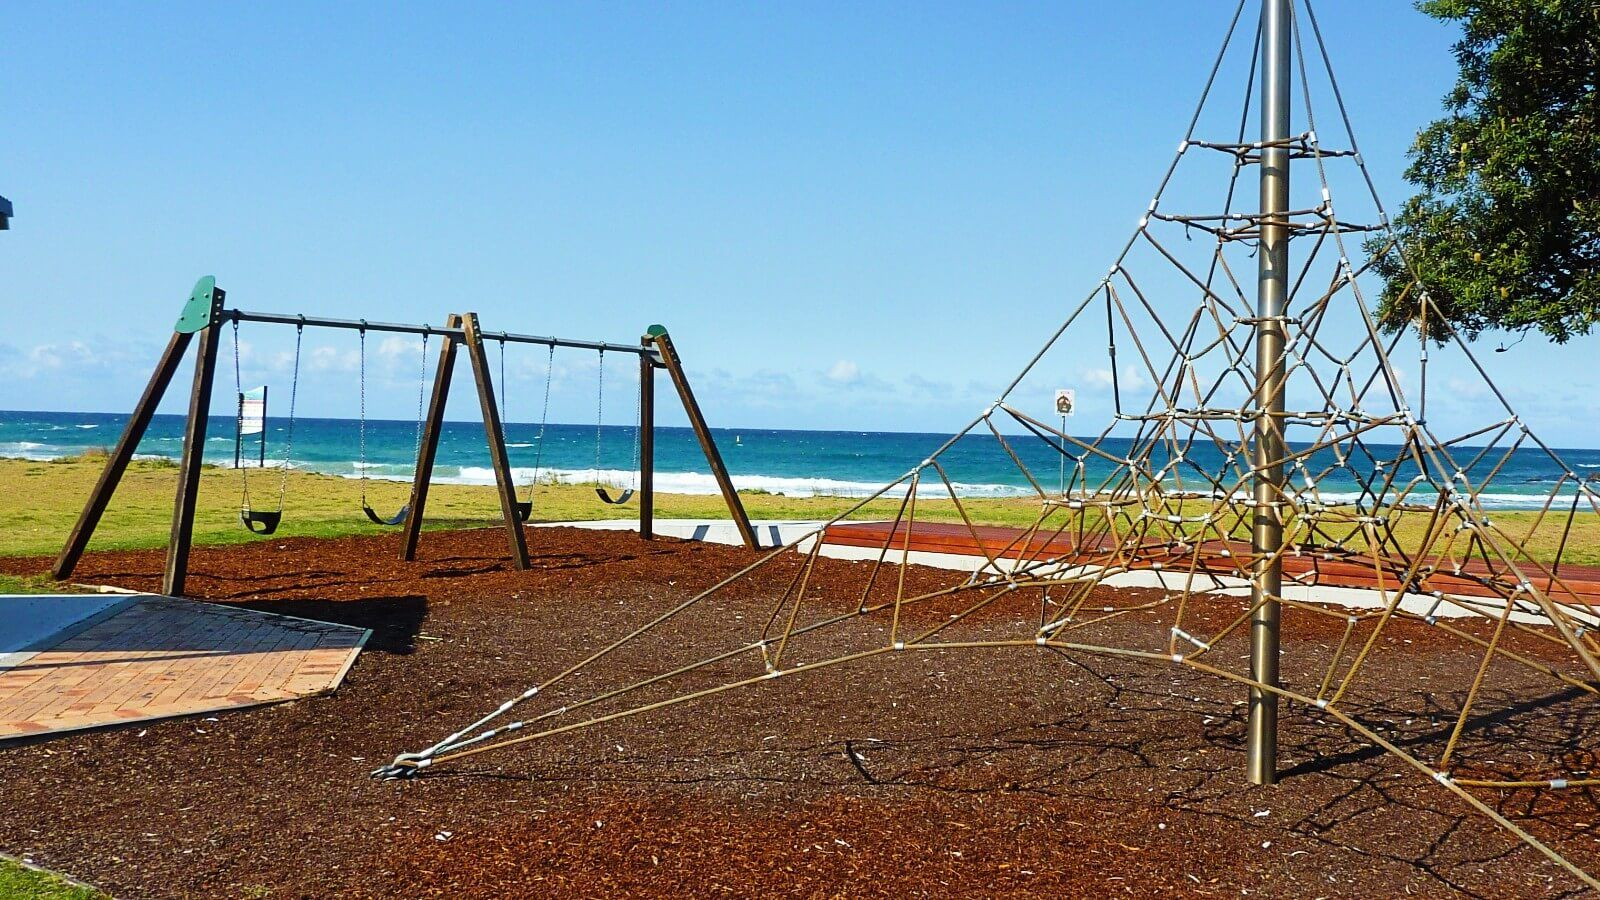 Children's playground at Malua Bay foreshore banner image